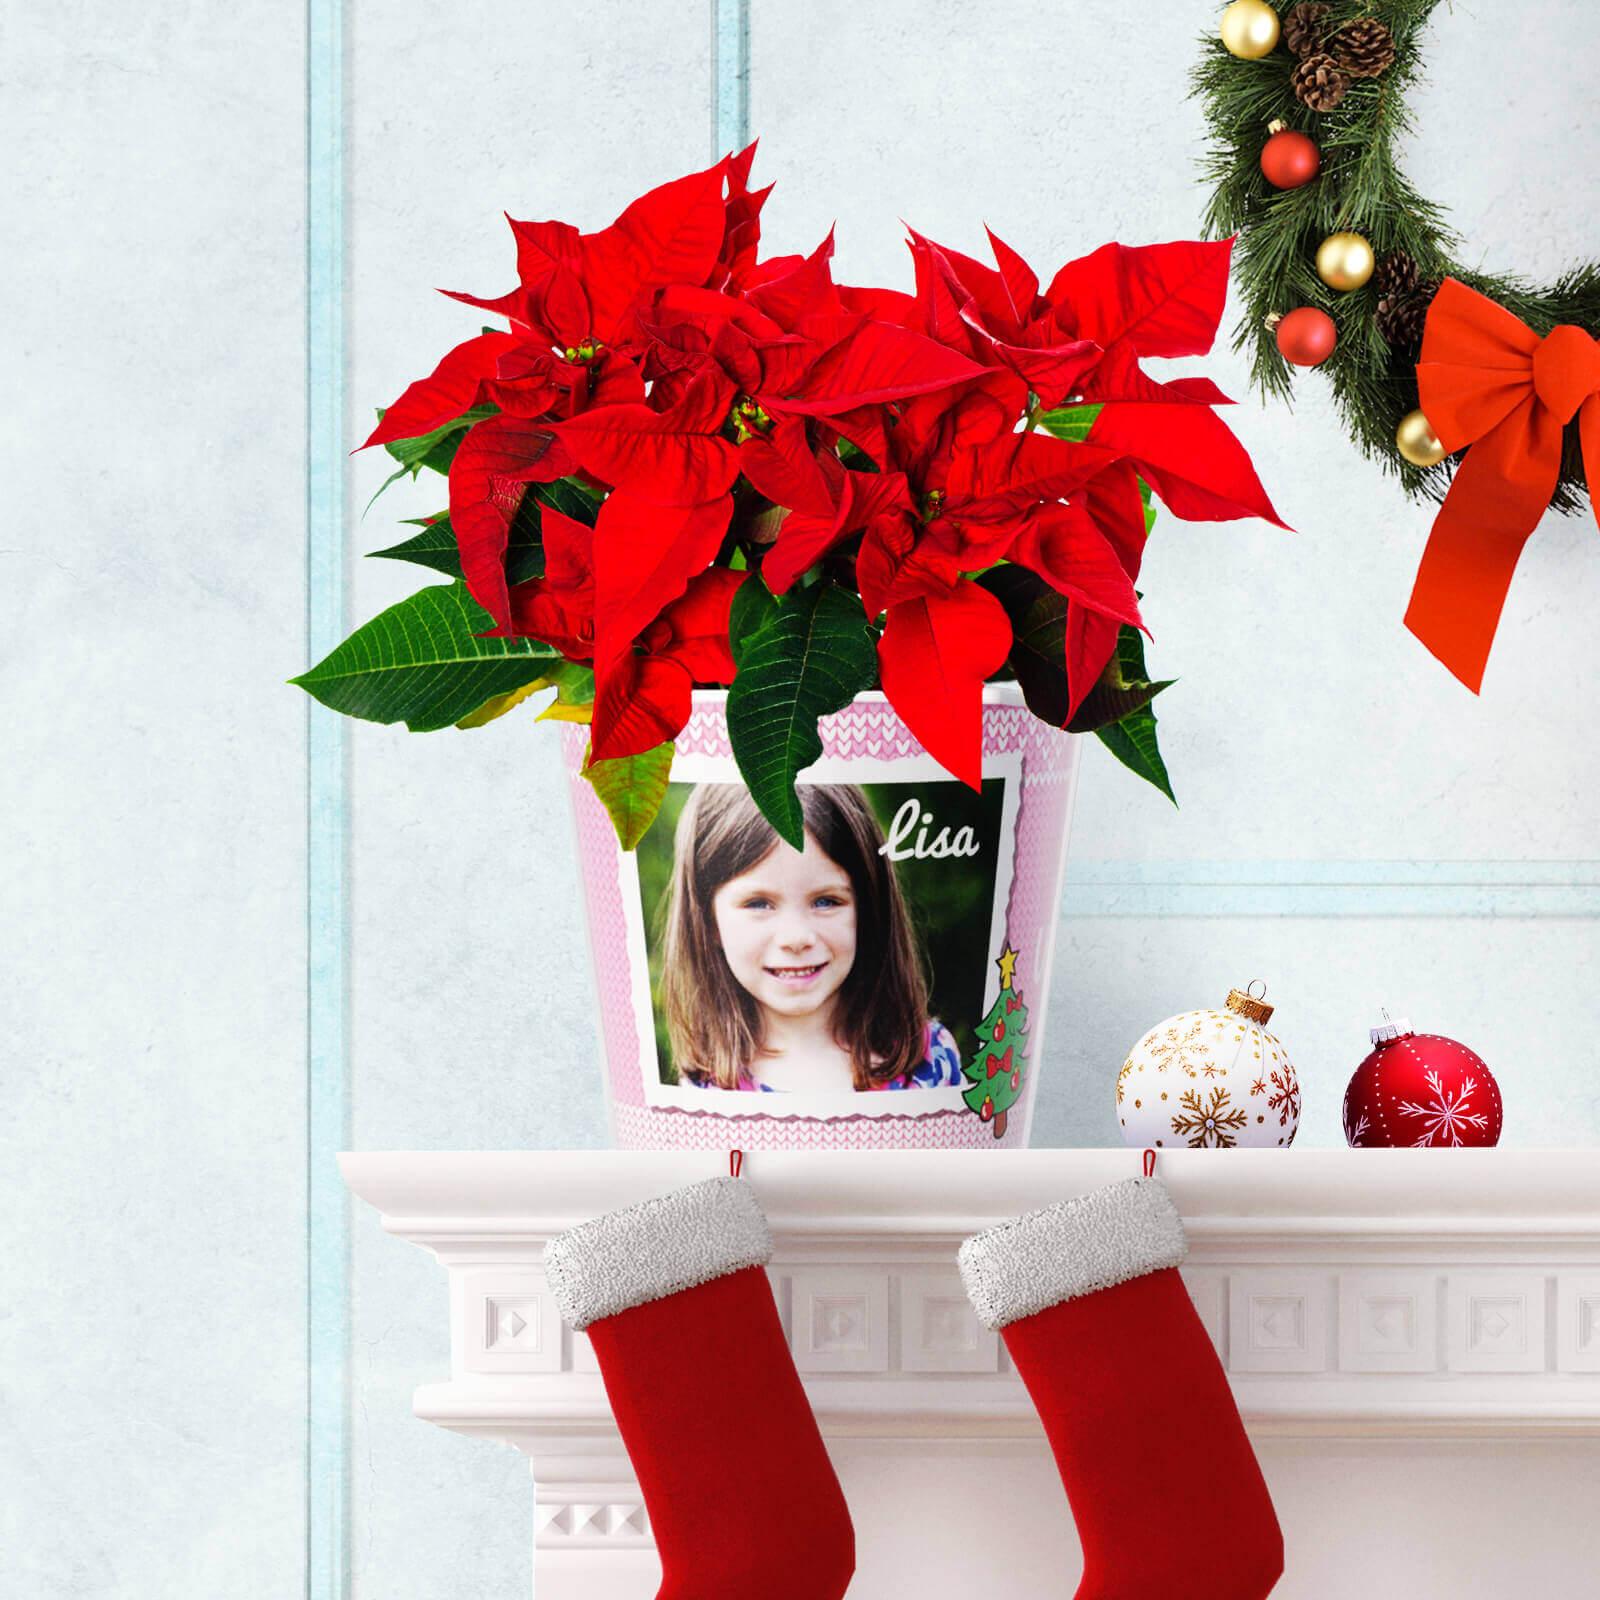 Blumentopf Geschenk zu Weihnachten Erzieherin mit 2 Fotos